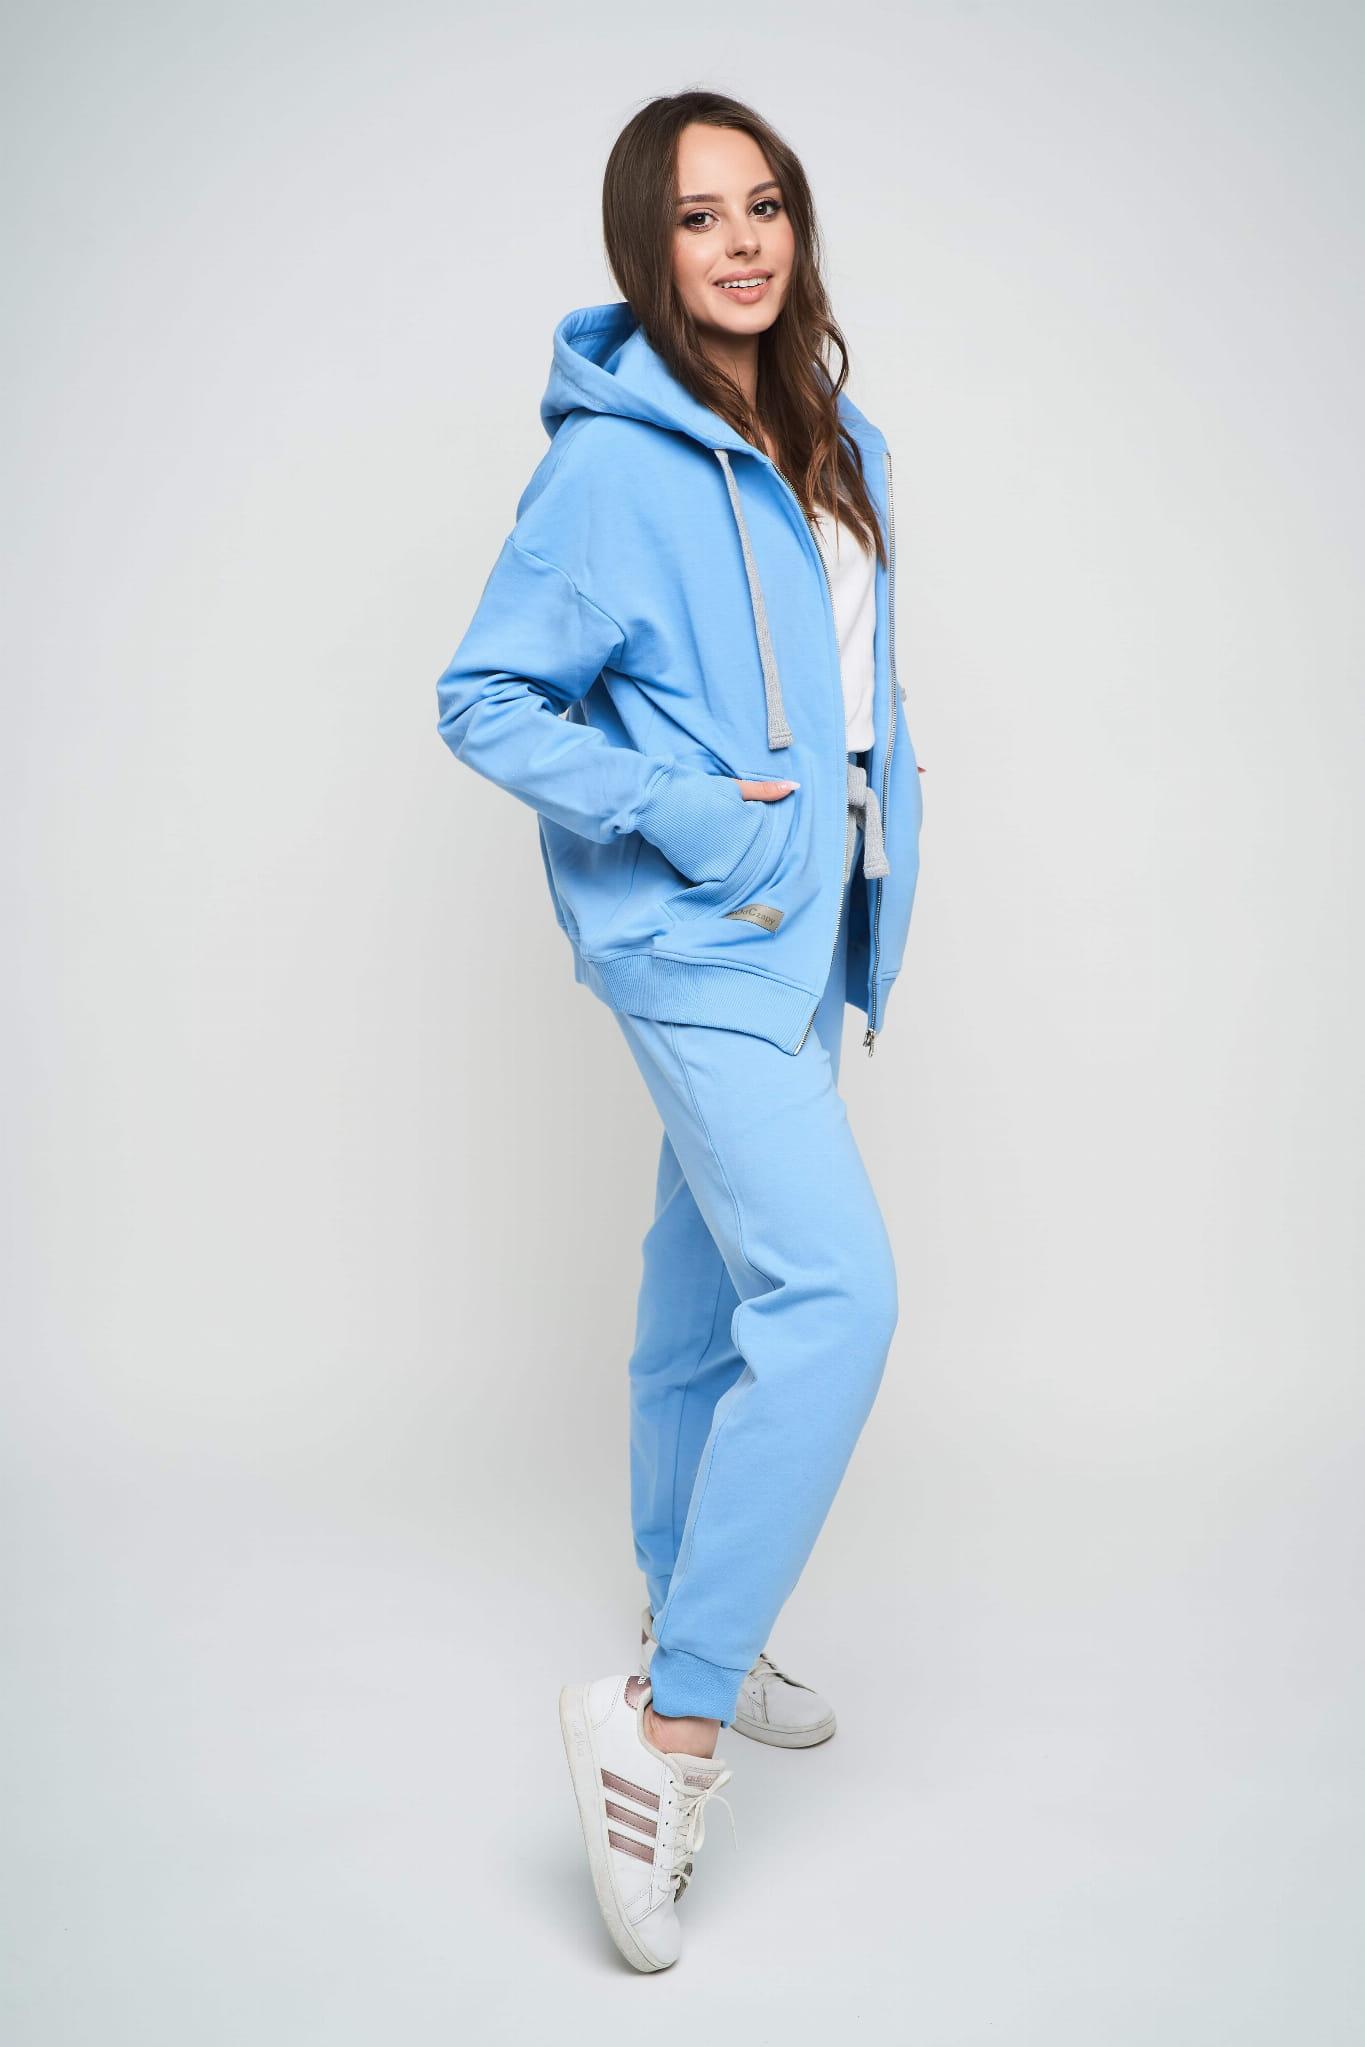 Długie spodnie dresowe całe błękitne ze sznurkiem - odCZAPY